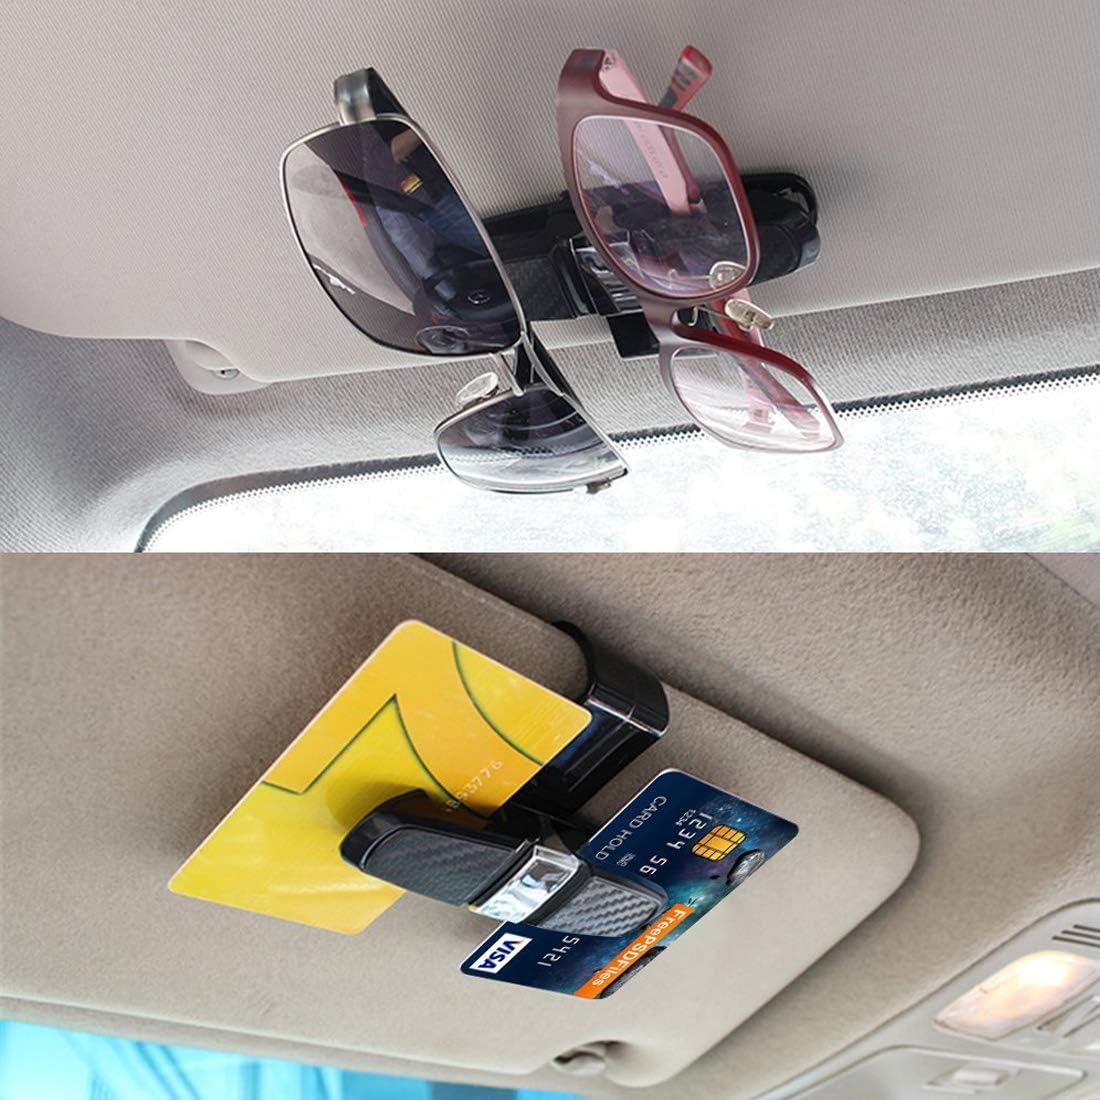 HB 2 St/ücke Auto Brillenhalter Sonnenbrille Clip Sonnenblende Clip Auto Ticket Karte Clip Halter Auto Fahrzeug Zubeh/ör Schwarz